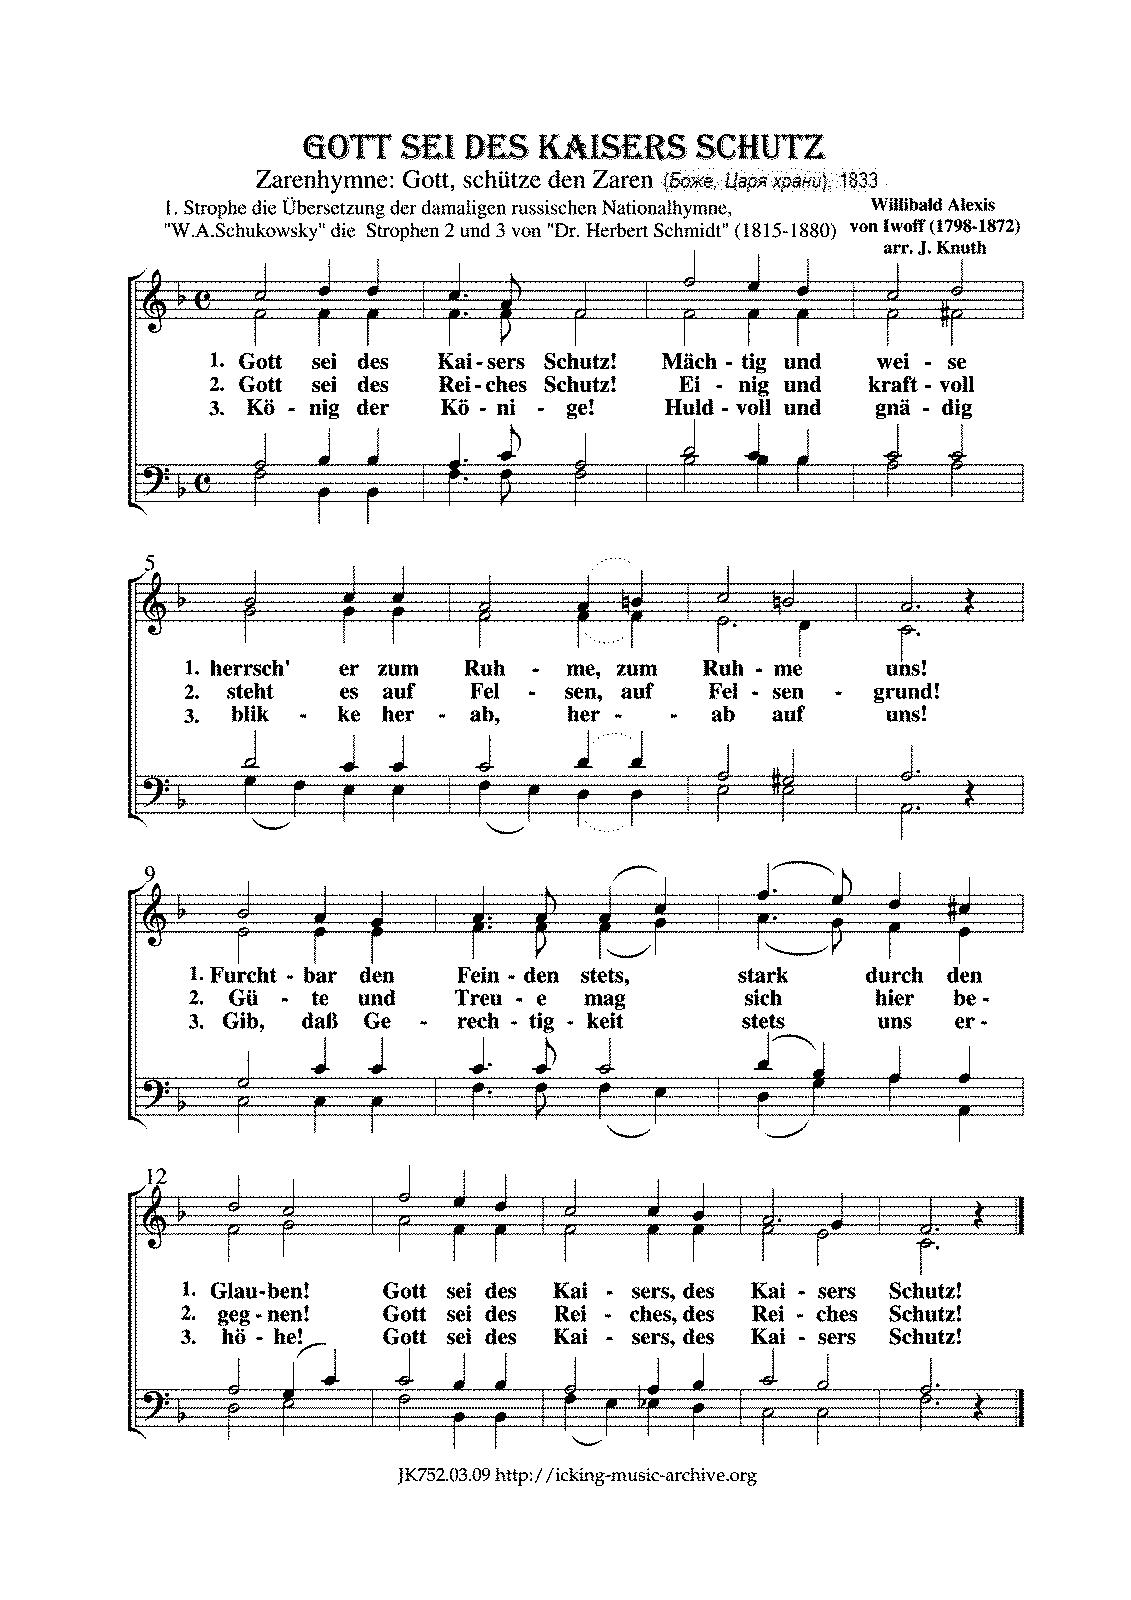 How to copy right lyrics